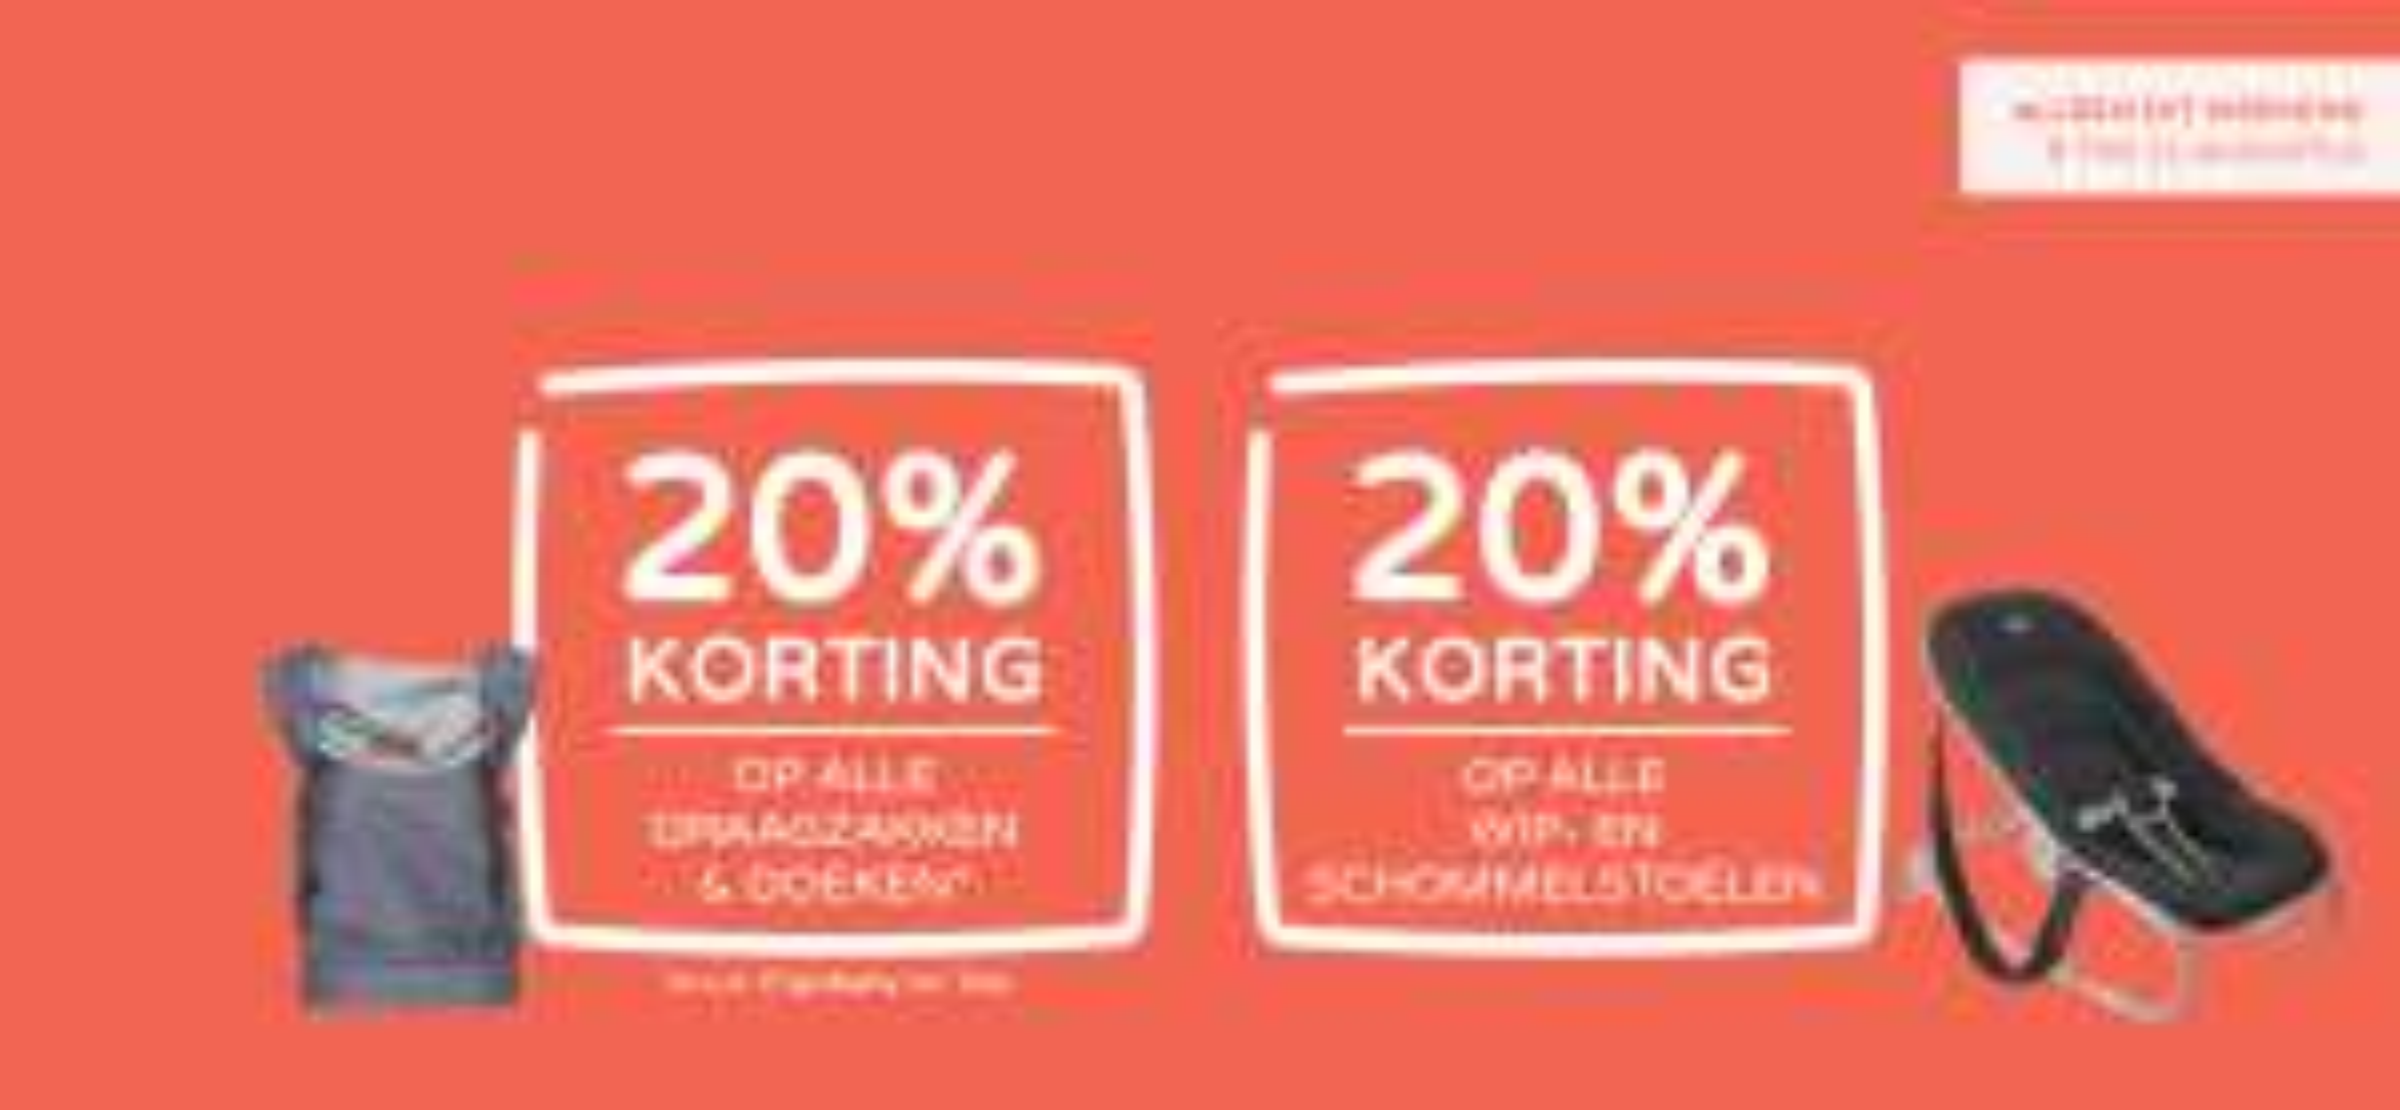 Prenatal - 20% korting op alle draagzakken en doeken* én op alle wip- en schommelstoelen